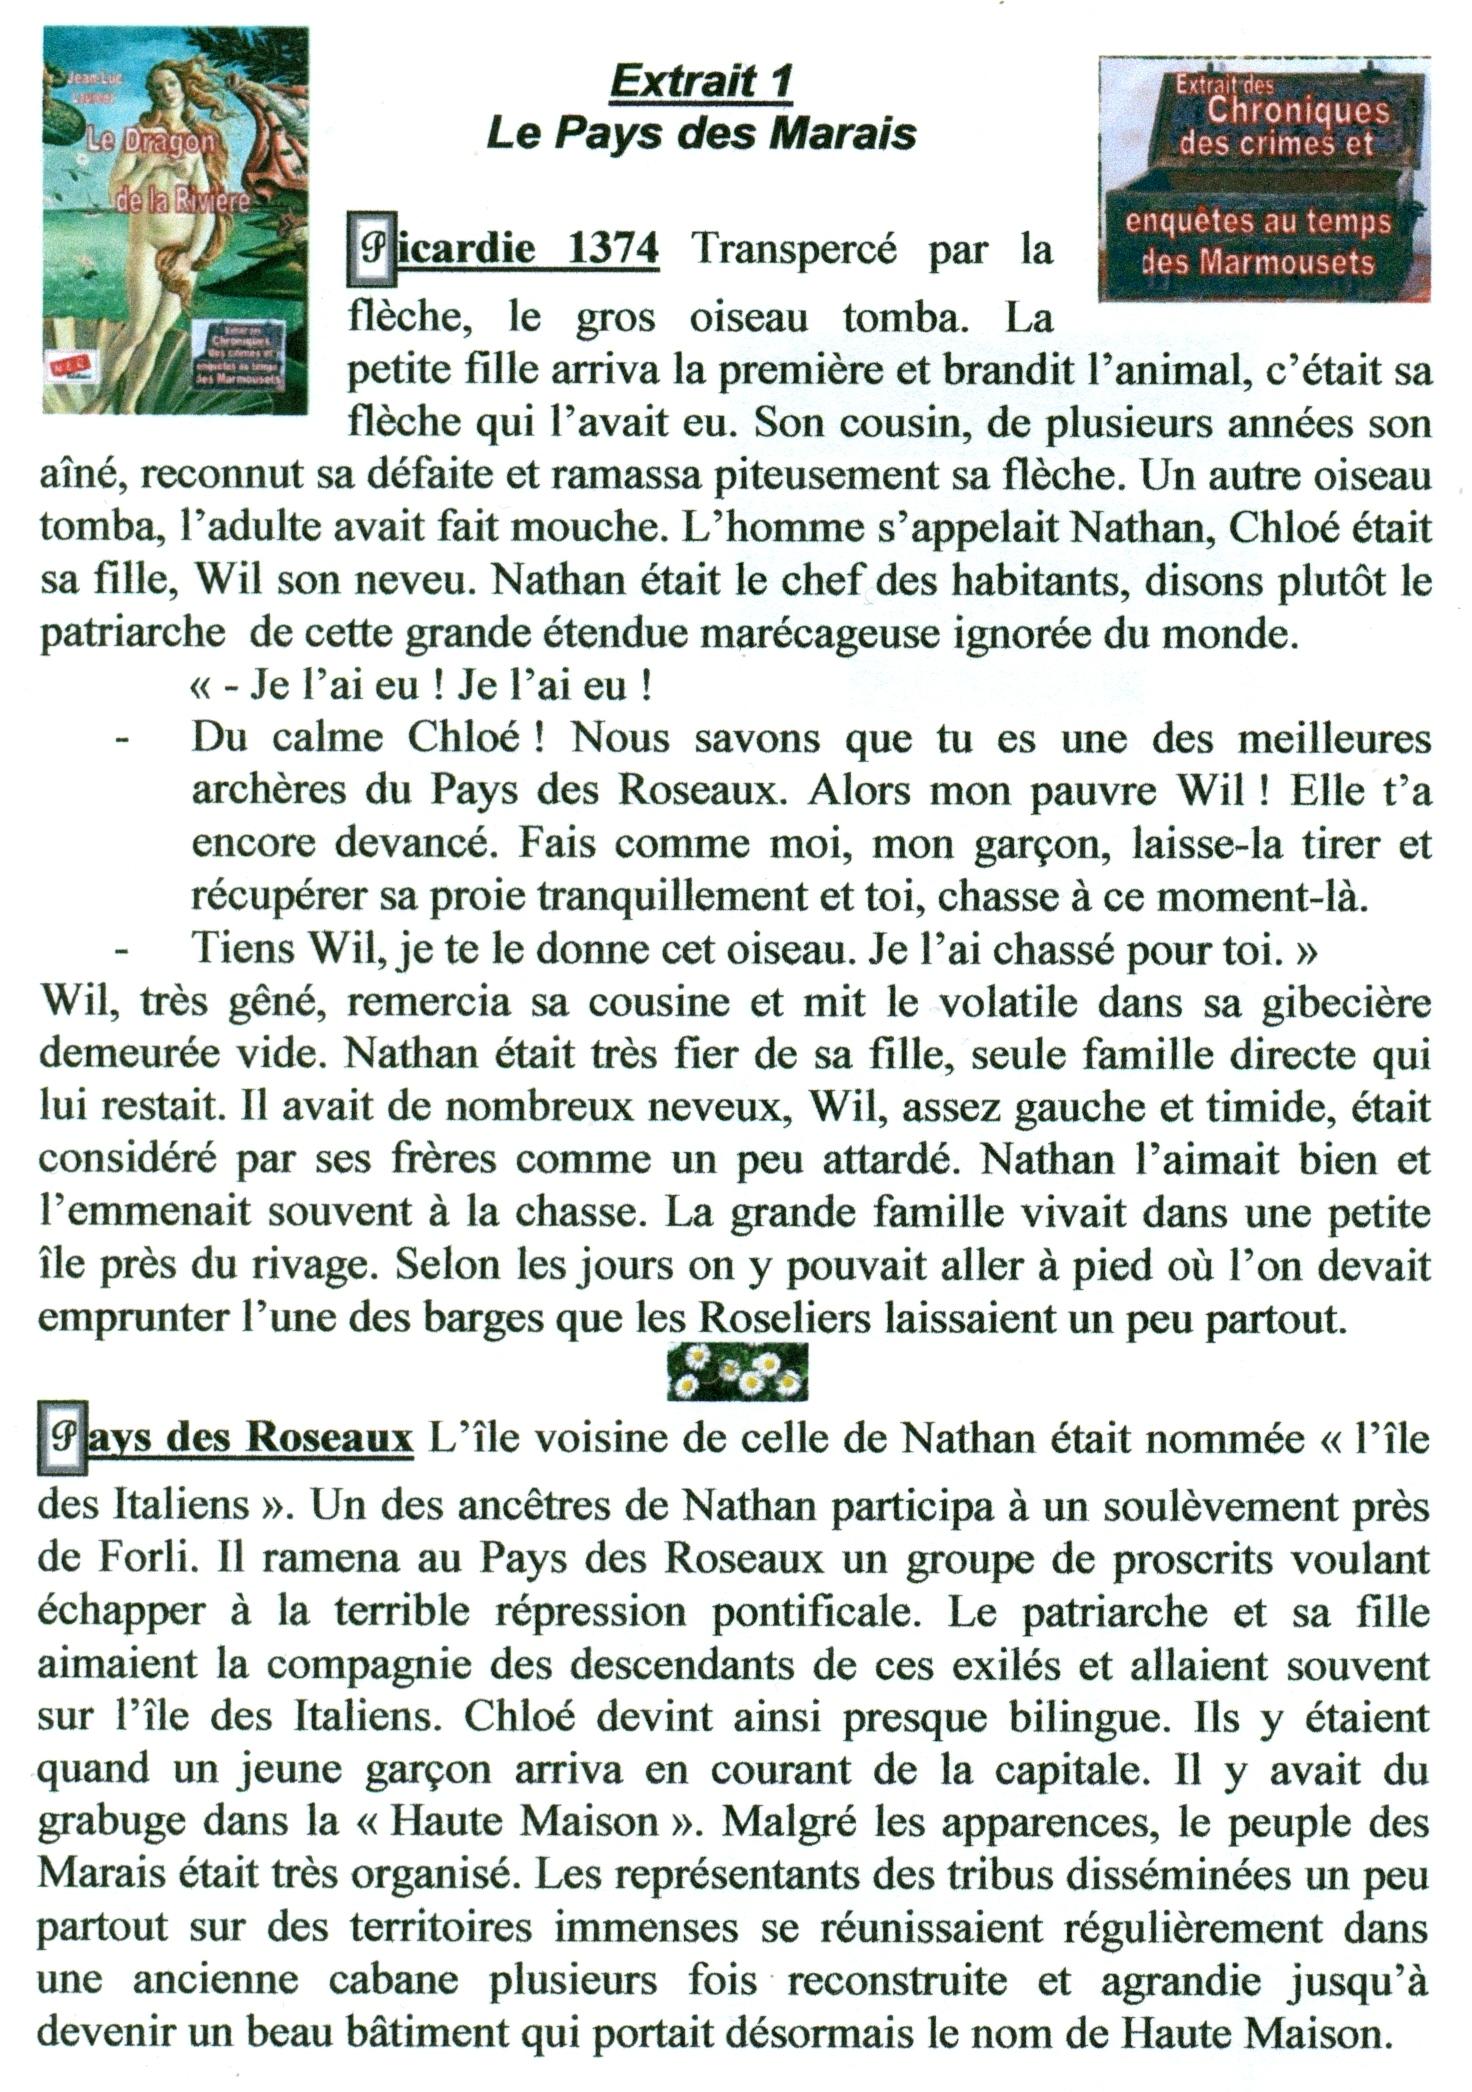 Extrait 1 Le Pays des Marais dans extraits numerisation0091